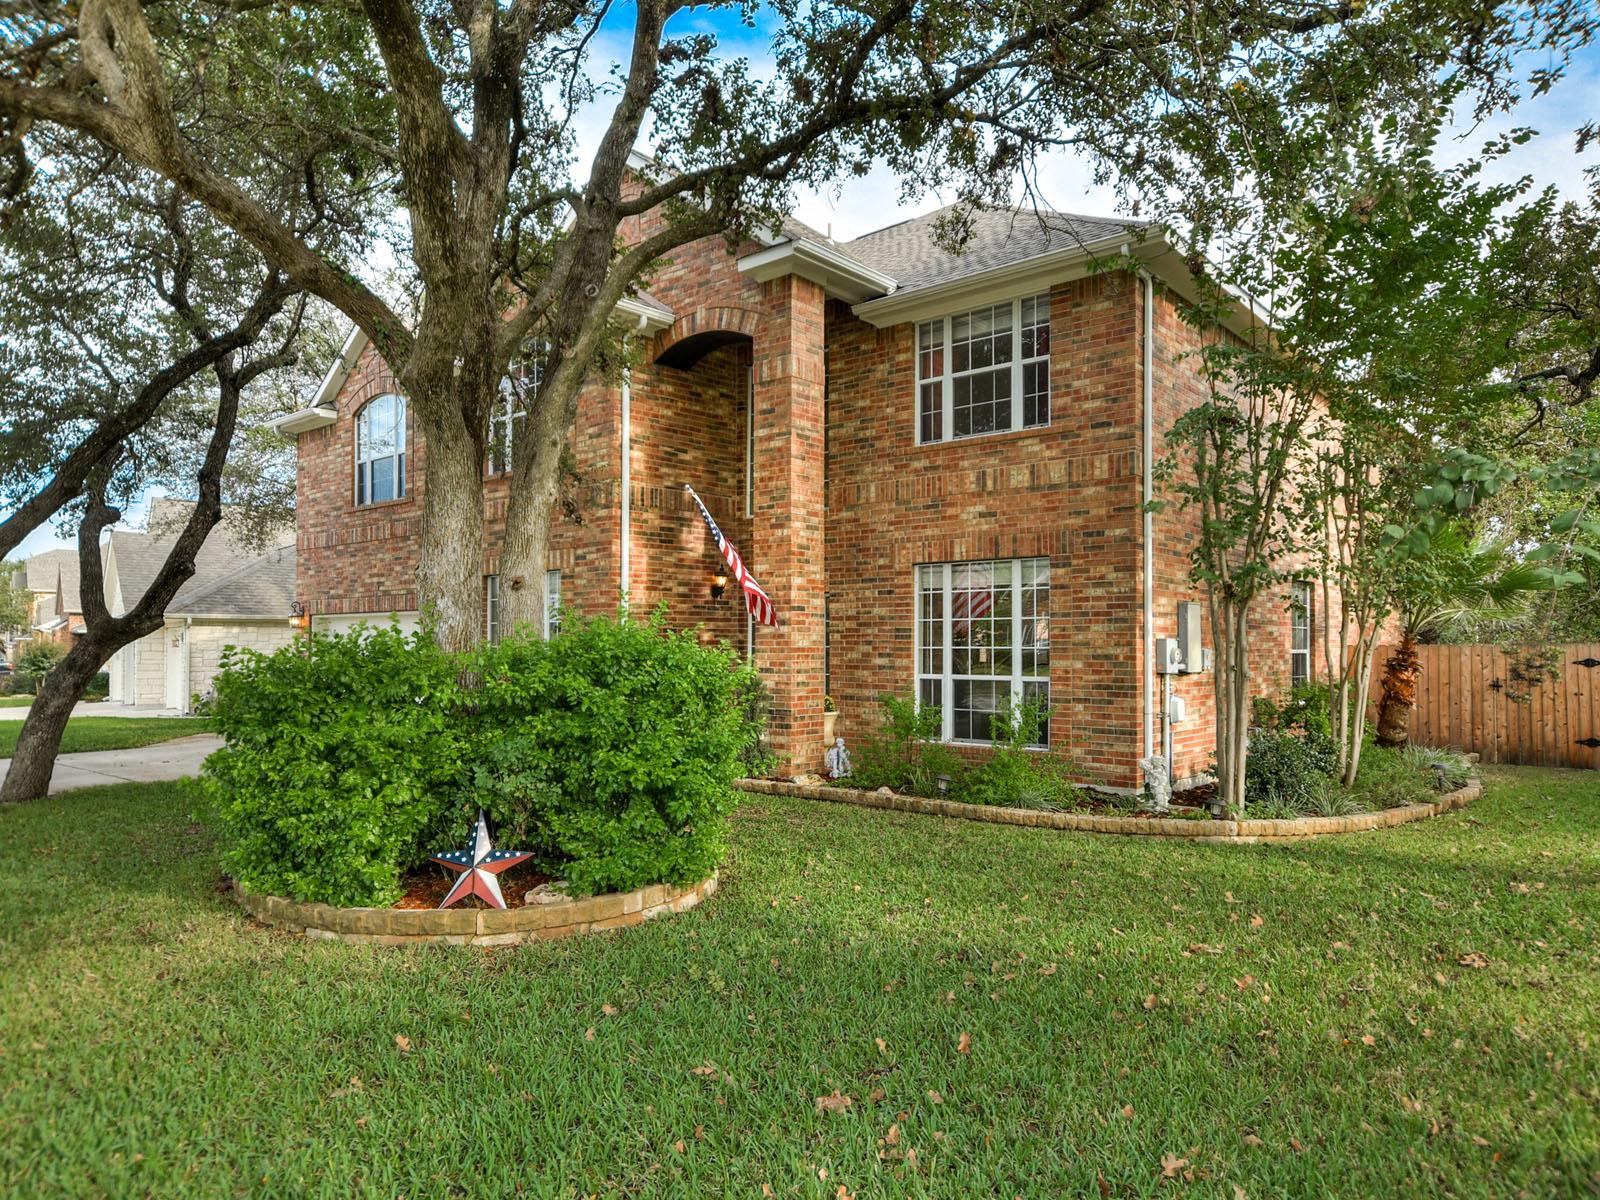 Casa Unifamiliar por un Venta en Stunning Cedar Park Home 704 Nelson Ranch Rd Cedar Park, Texas 78613 Estados Unidos